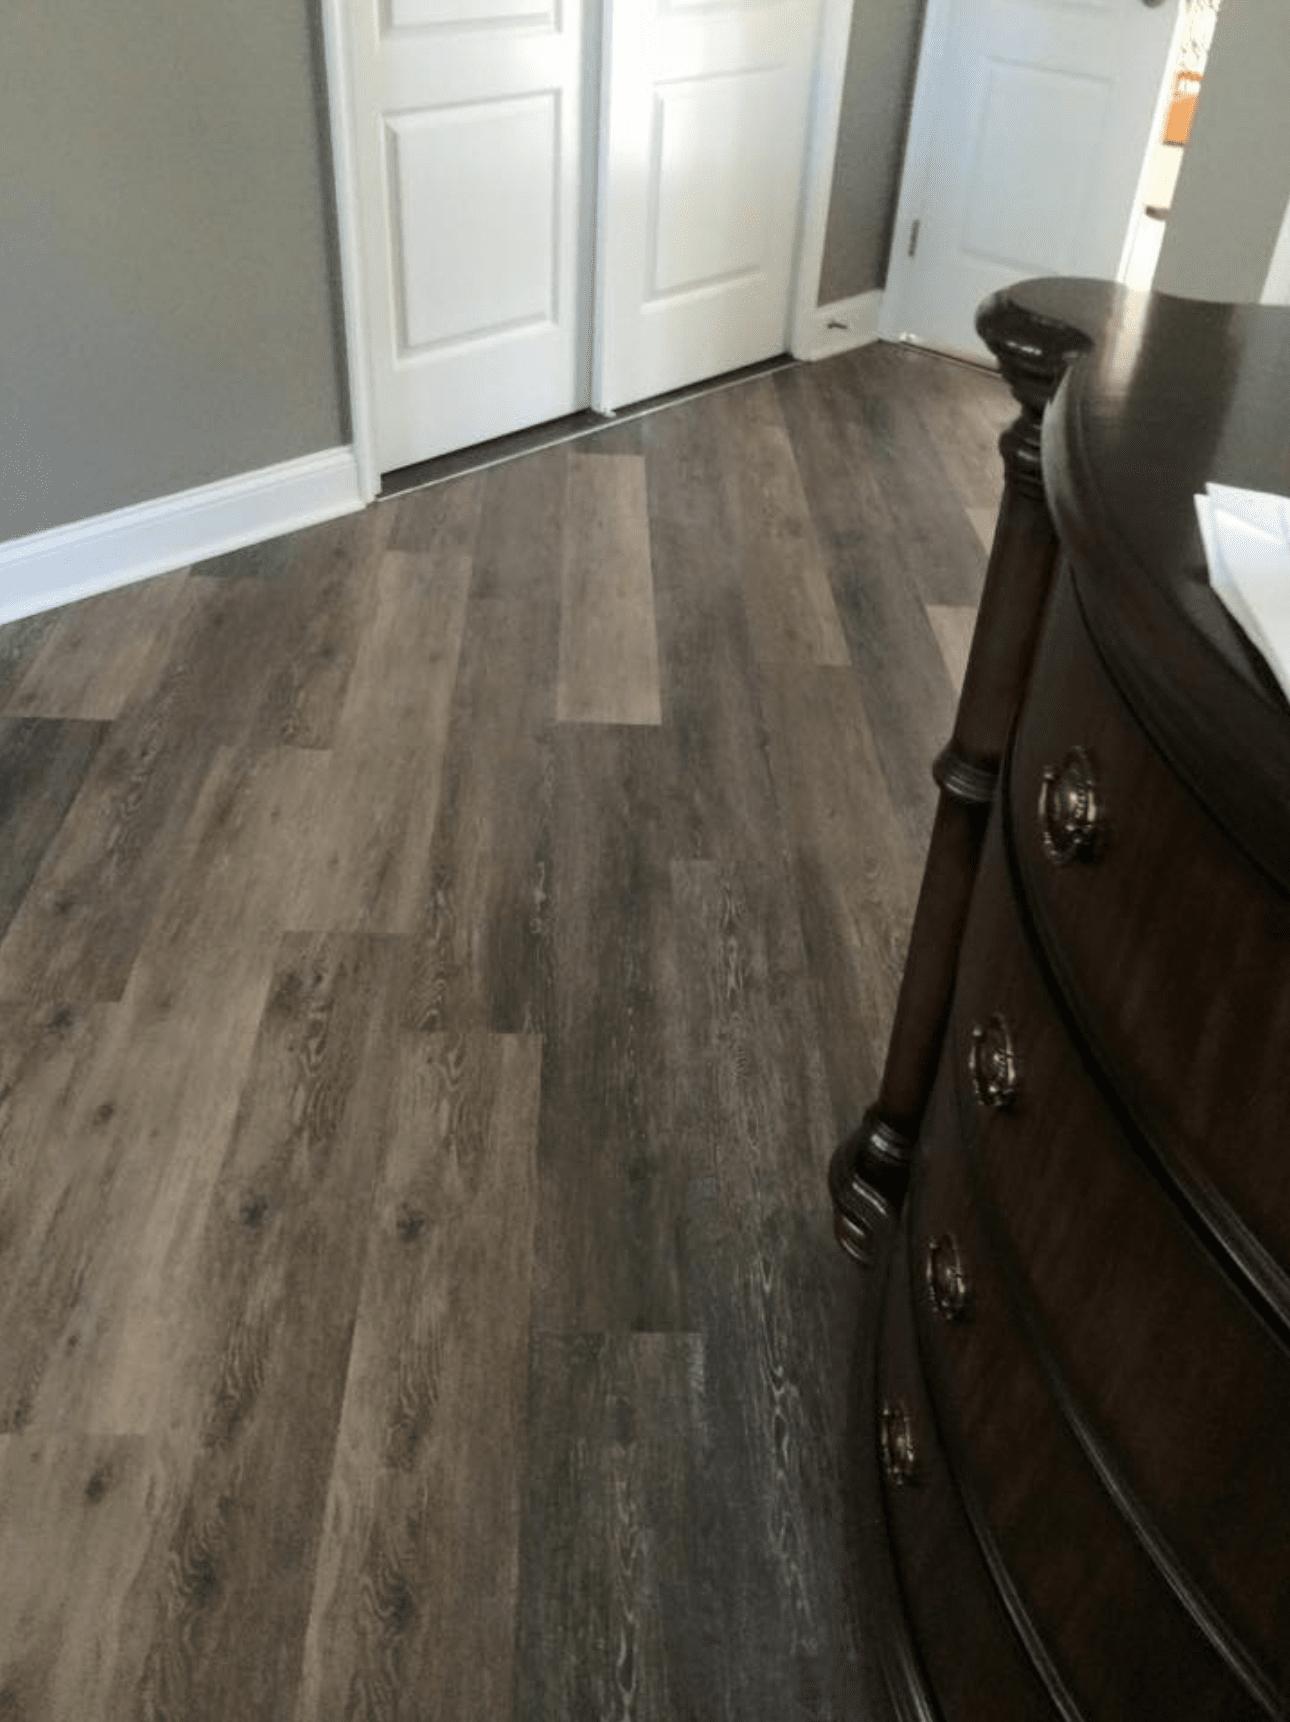 Luxury vinyl flooring from Charles Tyre Flooring in Middletown, DE